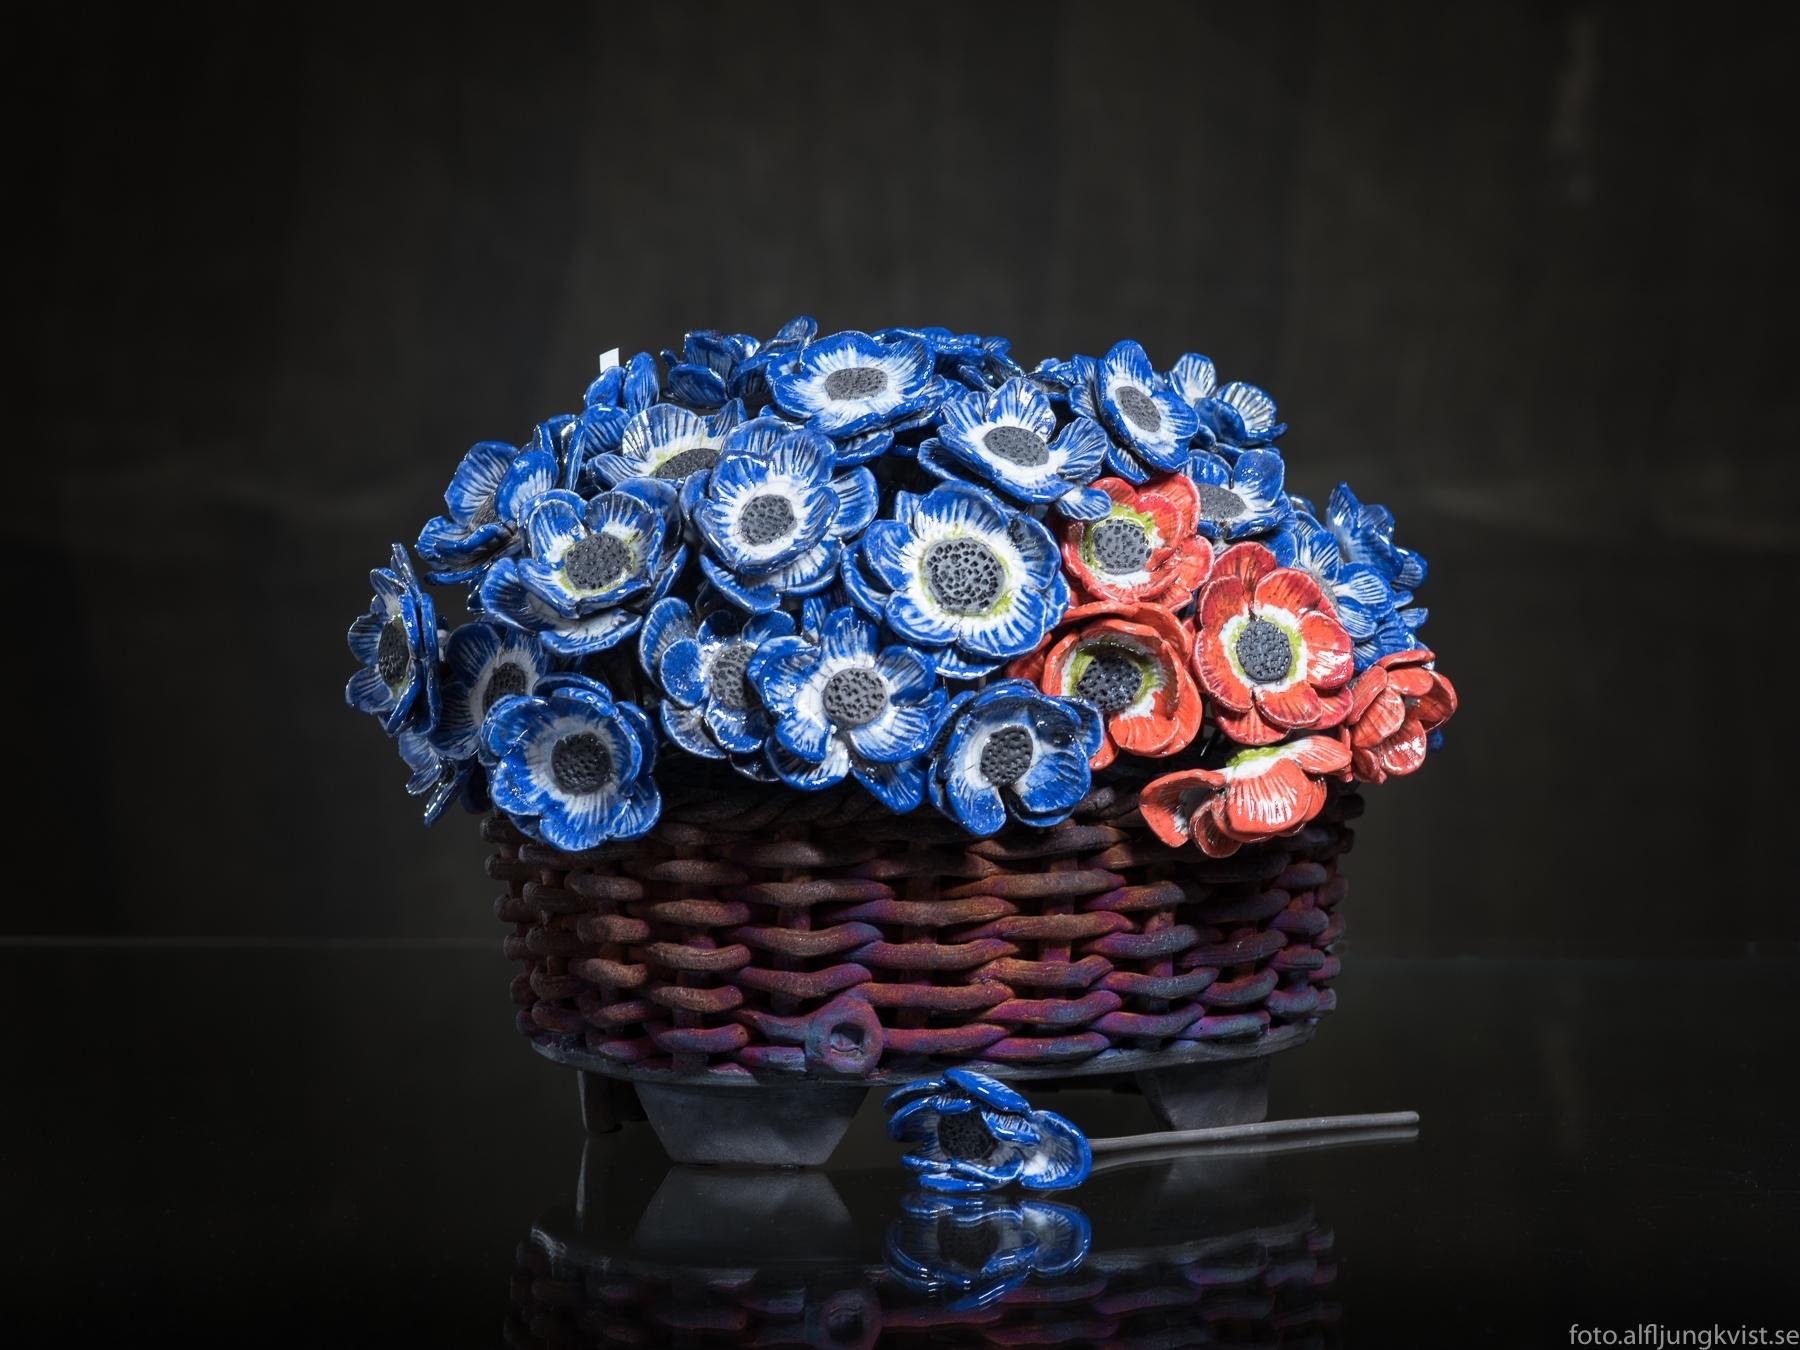 Blå blommor i kruka, svart